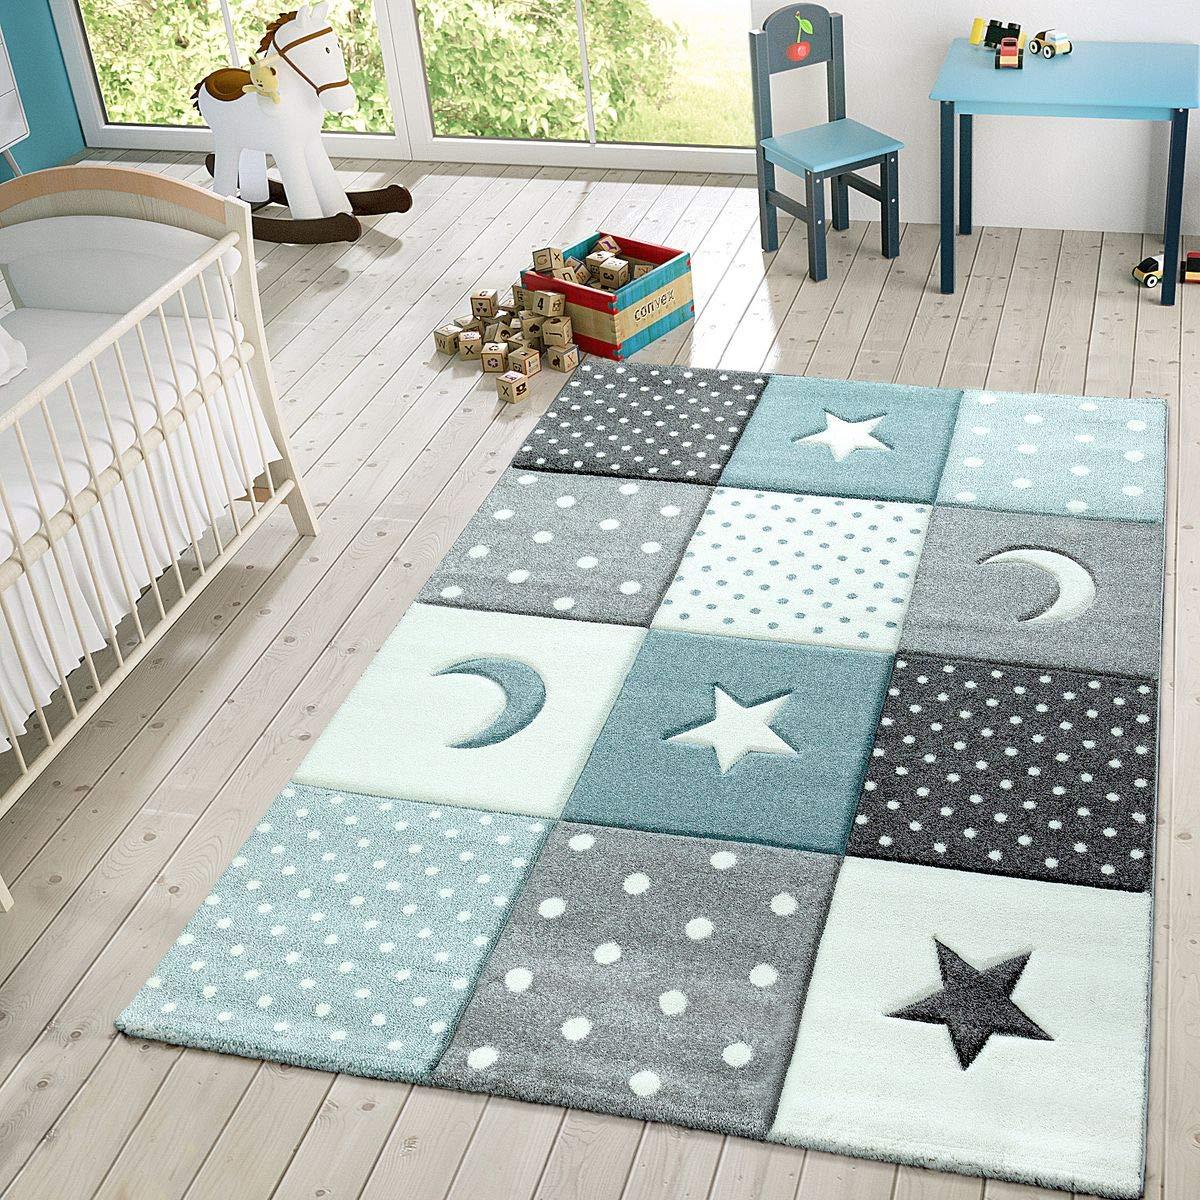 Kinder Teppich Spielteppich Karos Punkte Sterne Mond Pastell Türkis Weiß Grau, Größe 160x230 cm